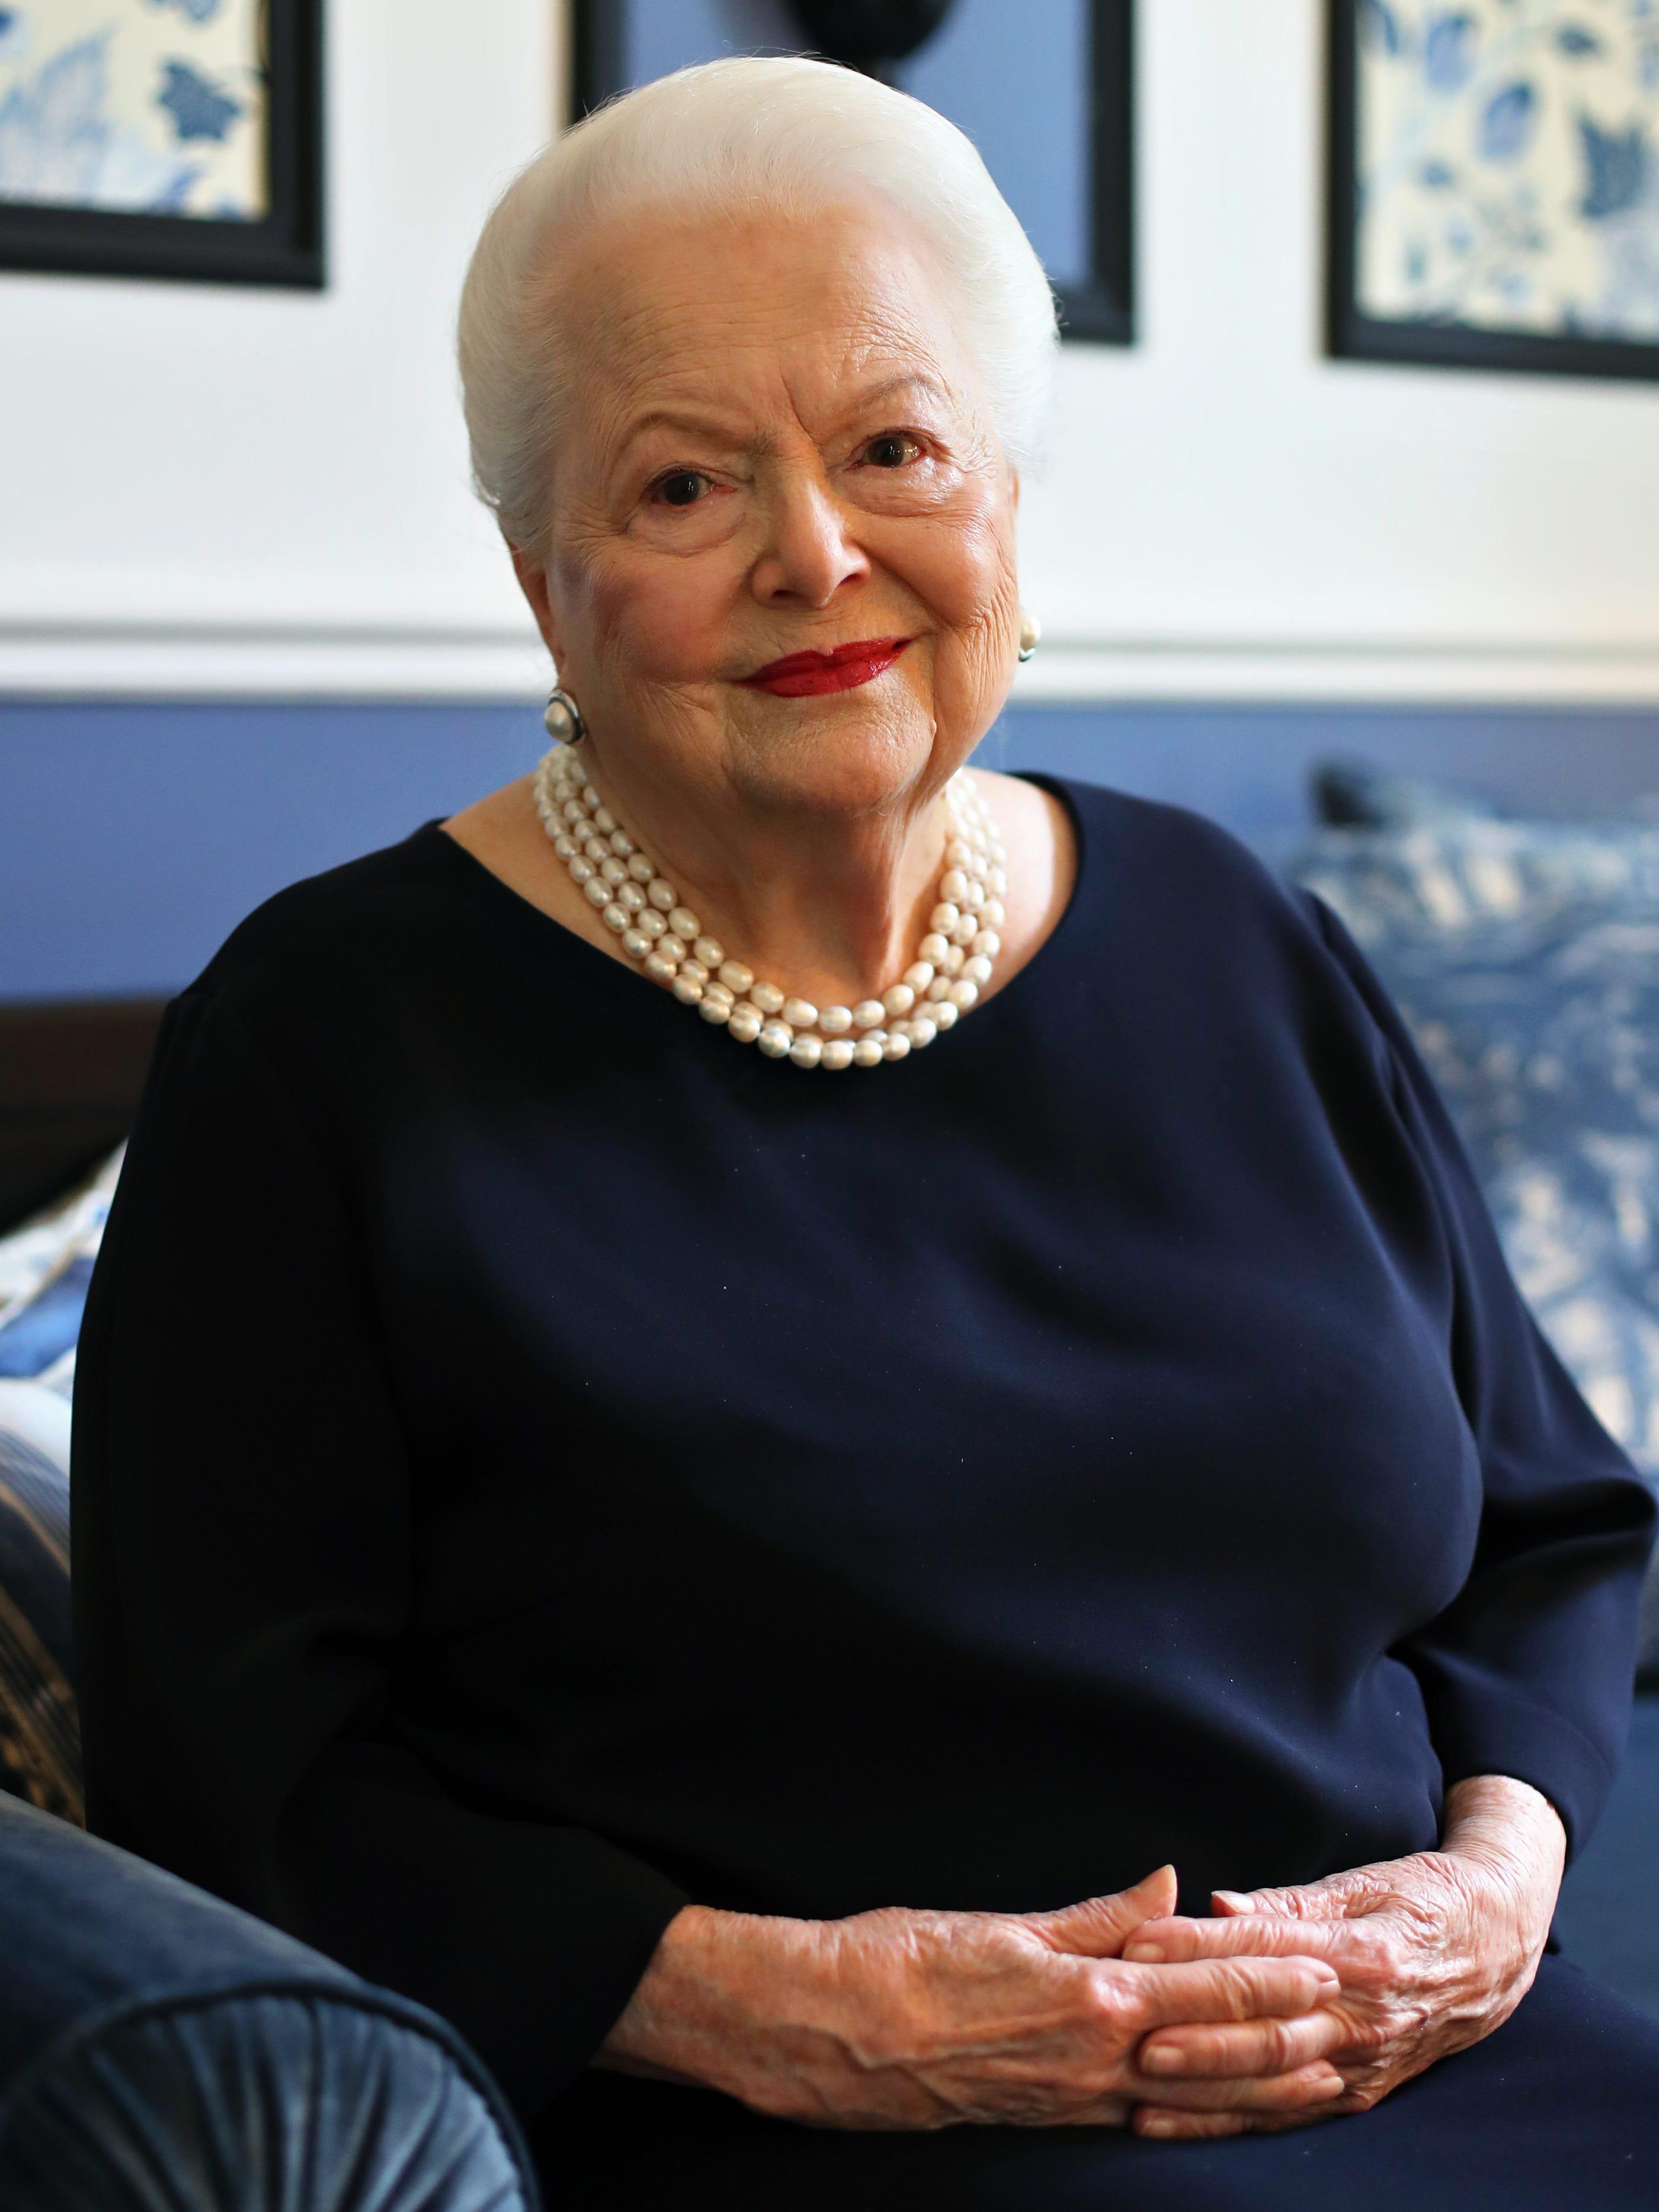 De Havilland breaks silence on Fontaine feud